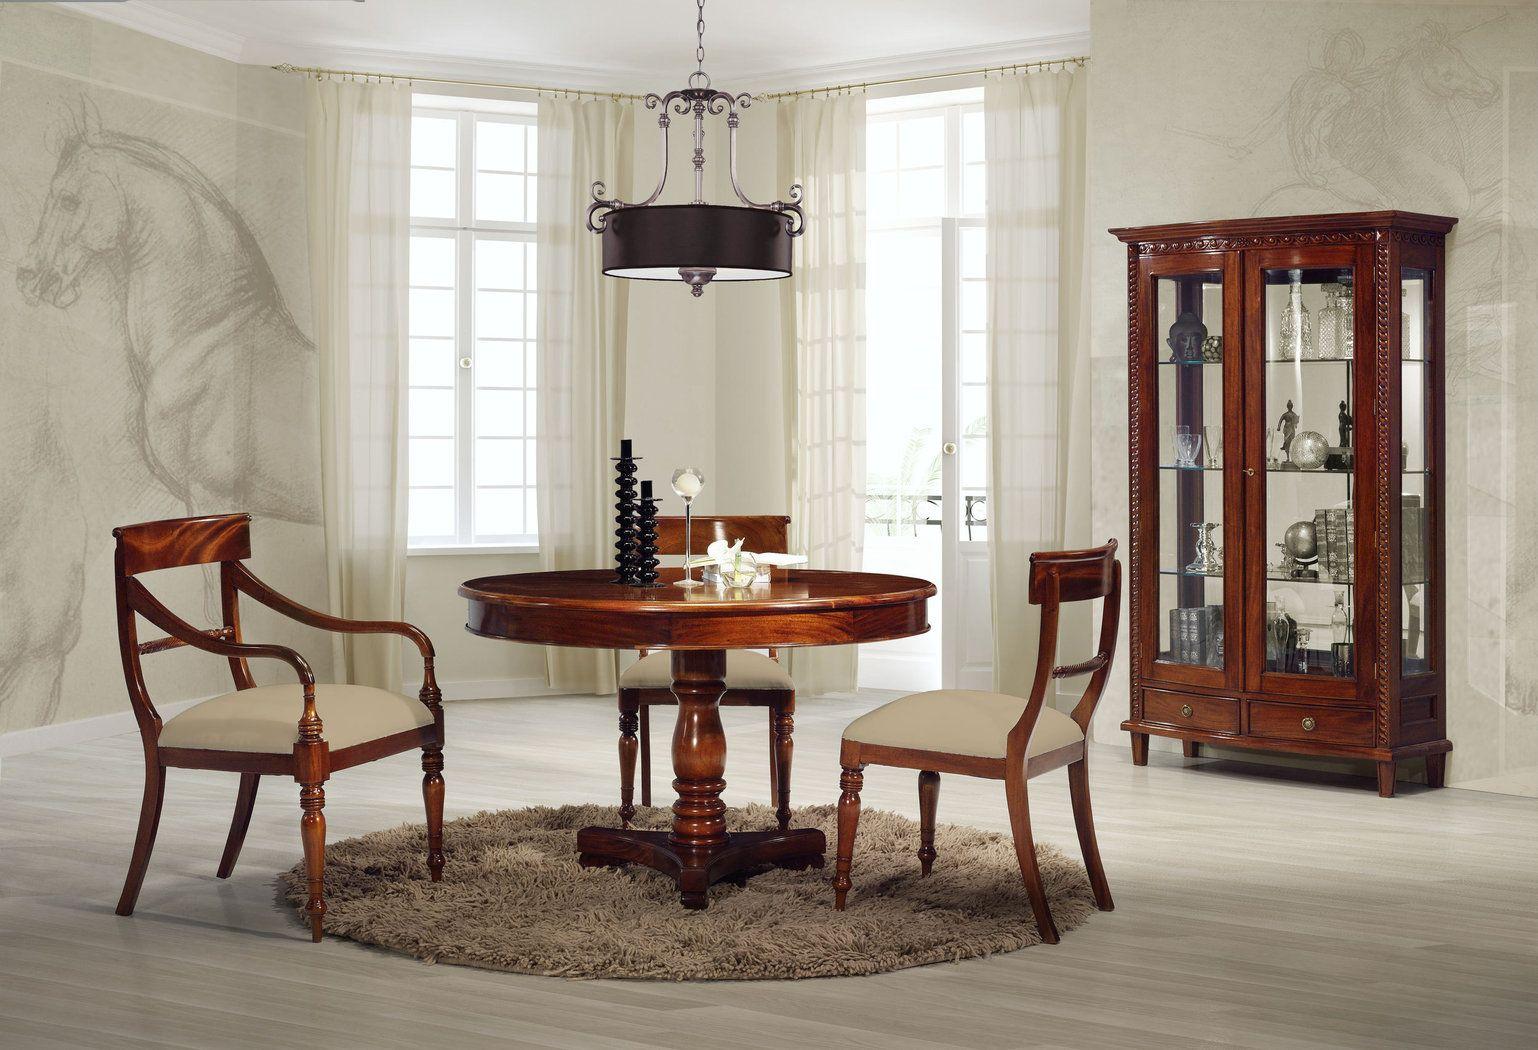 Comedor clasico regencia ideas para decorar el comedor for Decoracion de salon comedor clasico